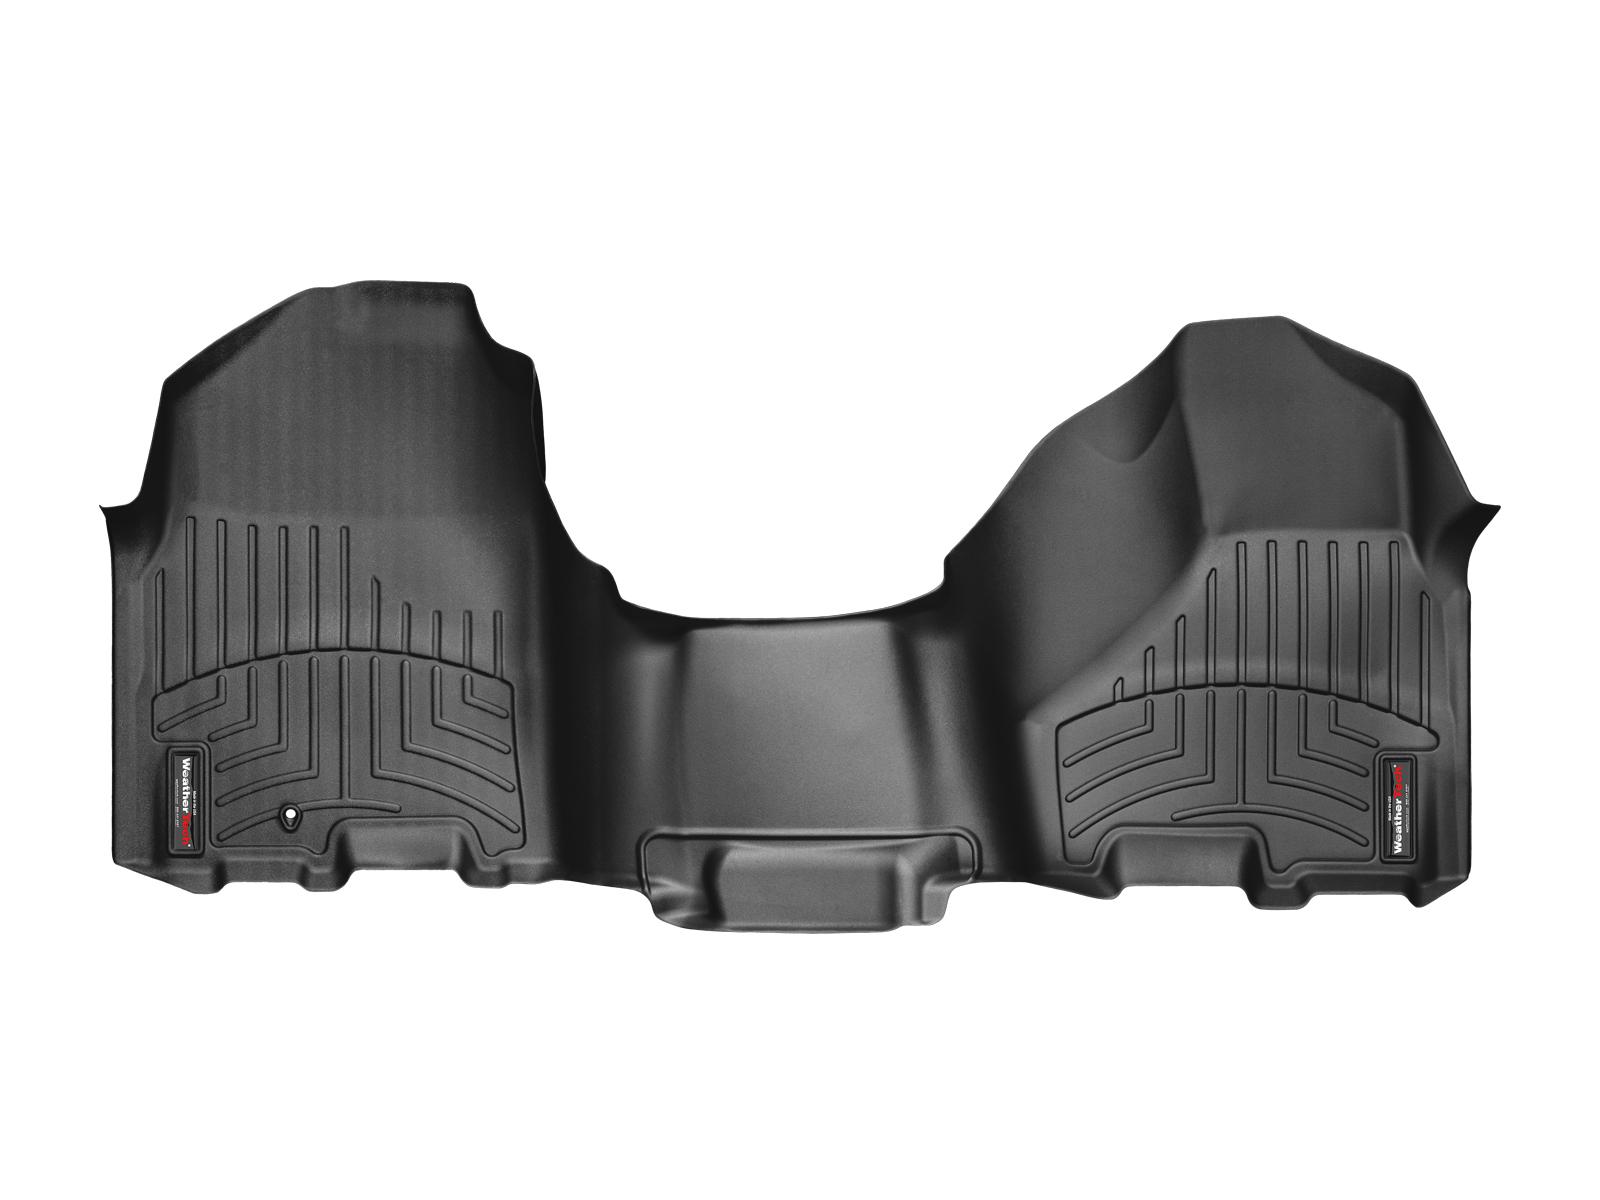 Tappeti gomma su misura bordo alto RAM Ram 2500/3500 10>11 Nero A3207